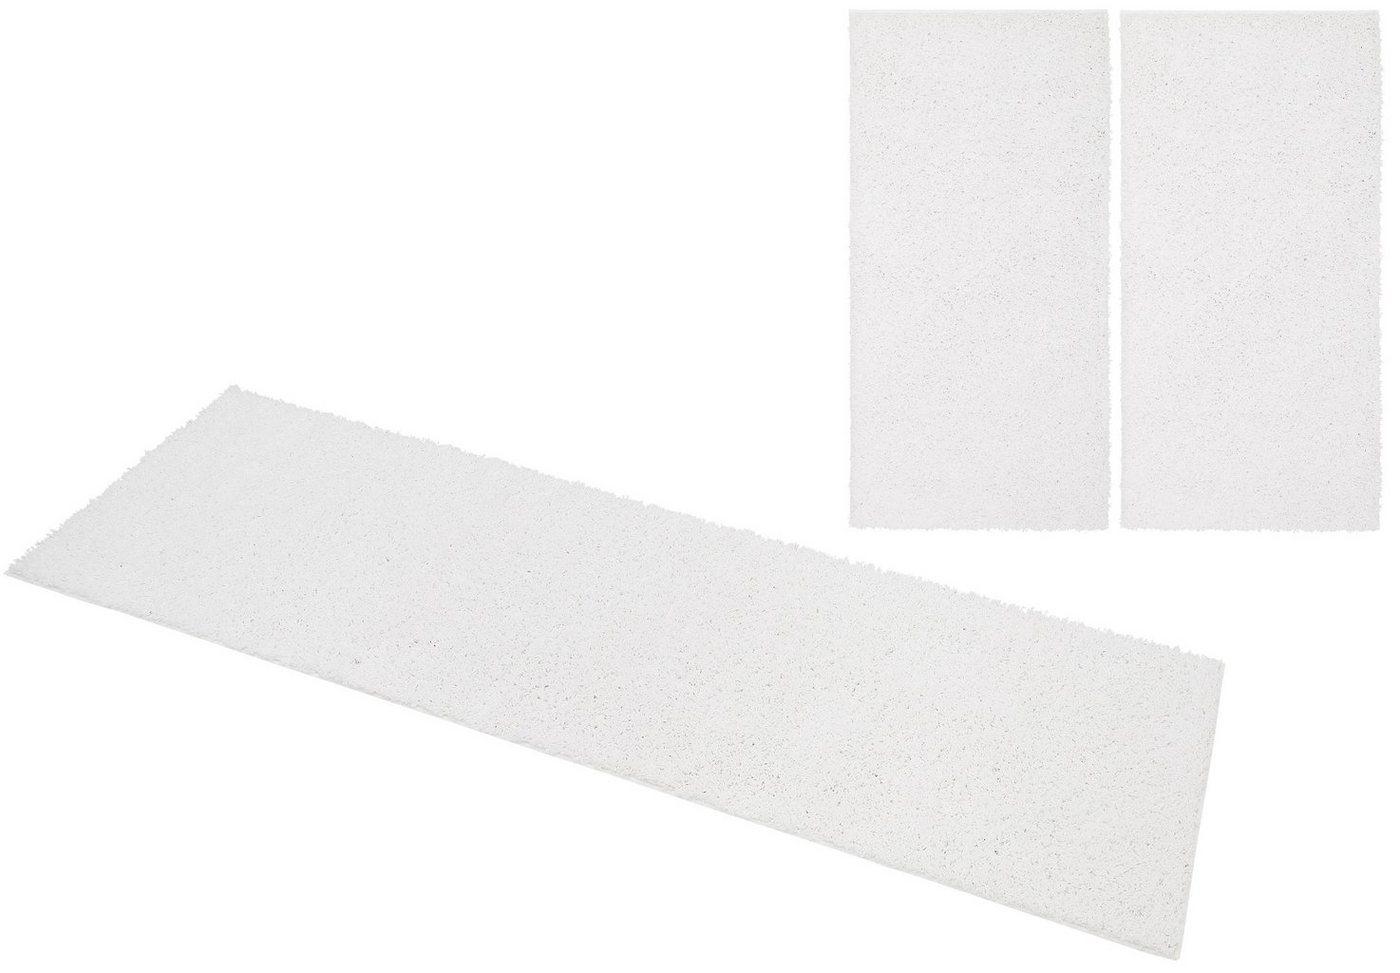 Slaapkamerset, HOME AFFAIRE COLLECTION, Shaggy 30, hoogte 30 mm, geweven (3-dlg.)